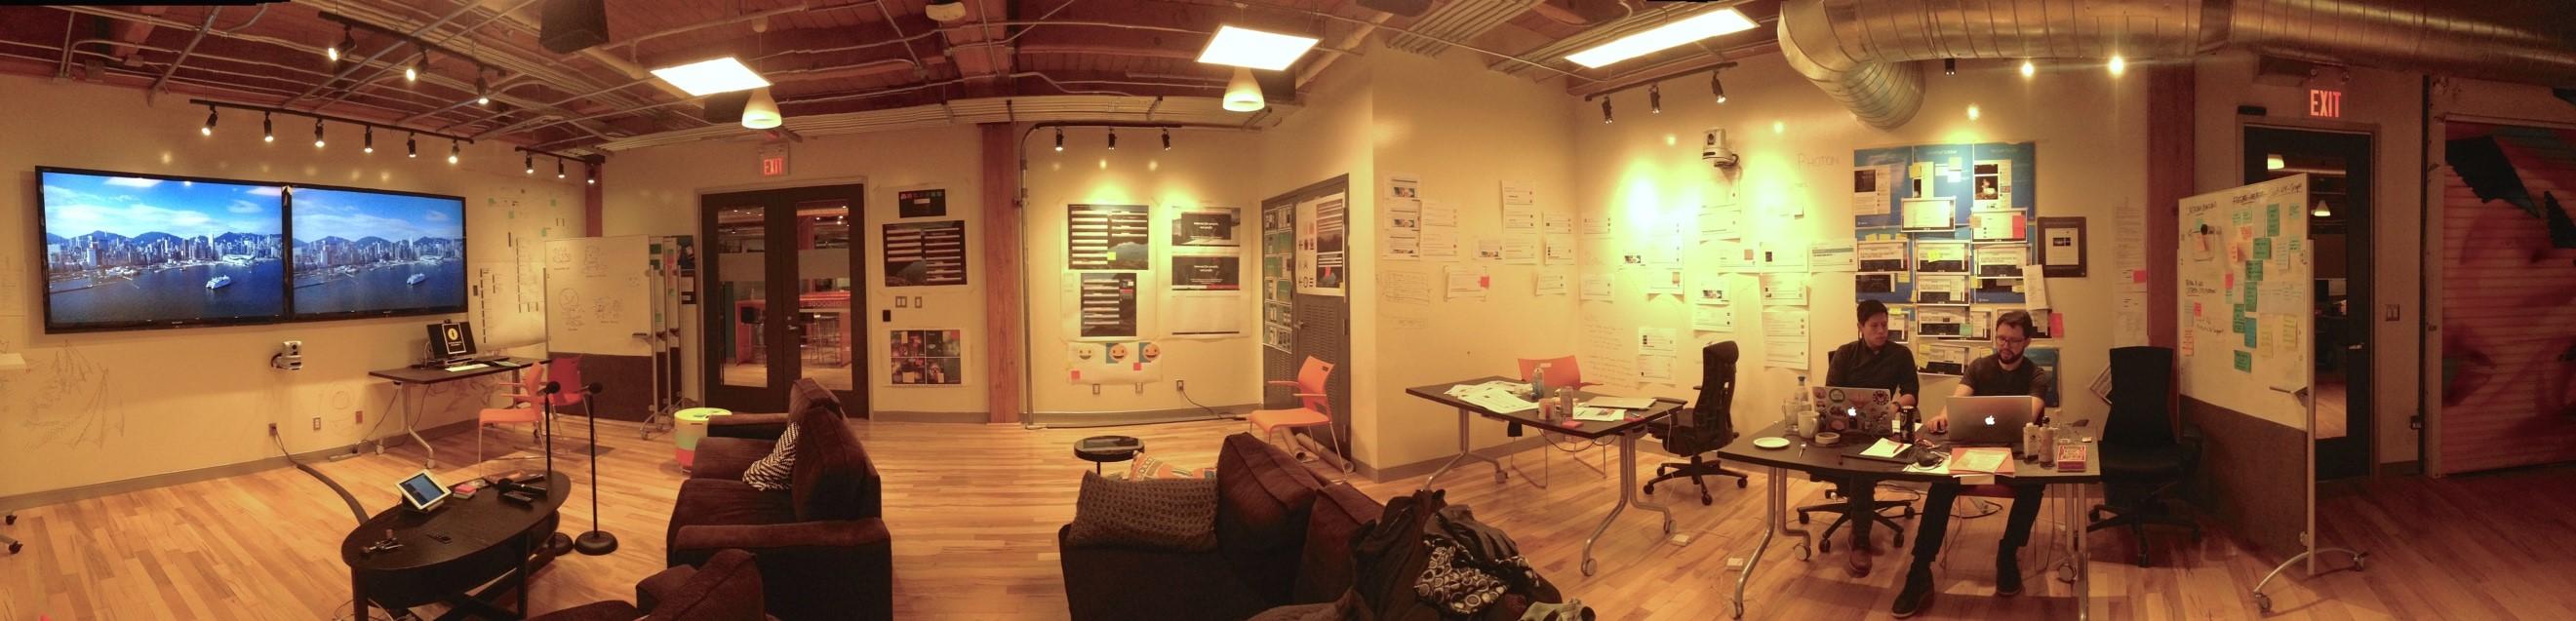 Blick in die Designabteilung des Mozilla-Büros in Toronto (Bild: Dominik Schmidt).